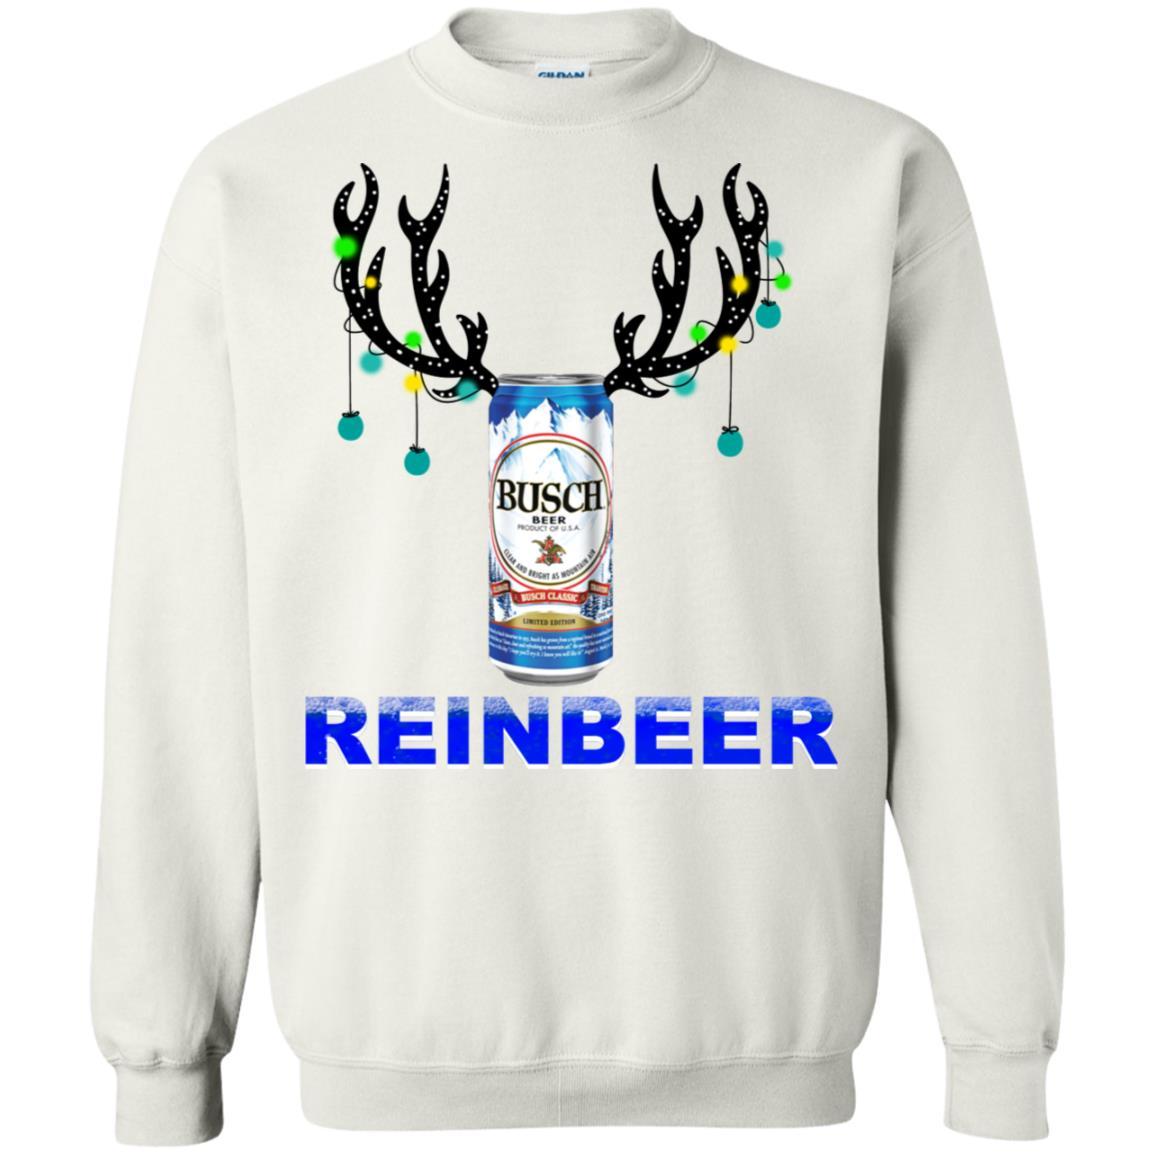 Busch Light Reinbeer Christmas Sweatshirt Hoodie Long Sleeve